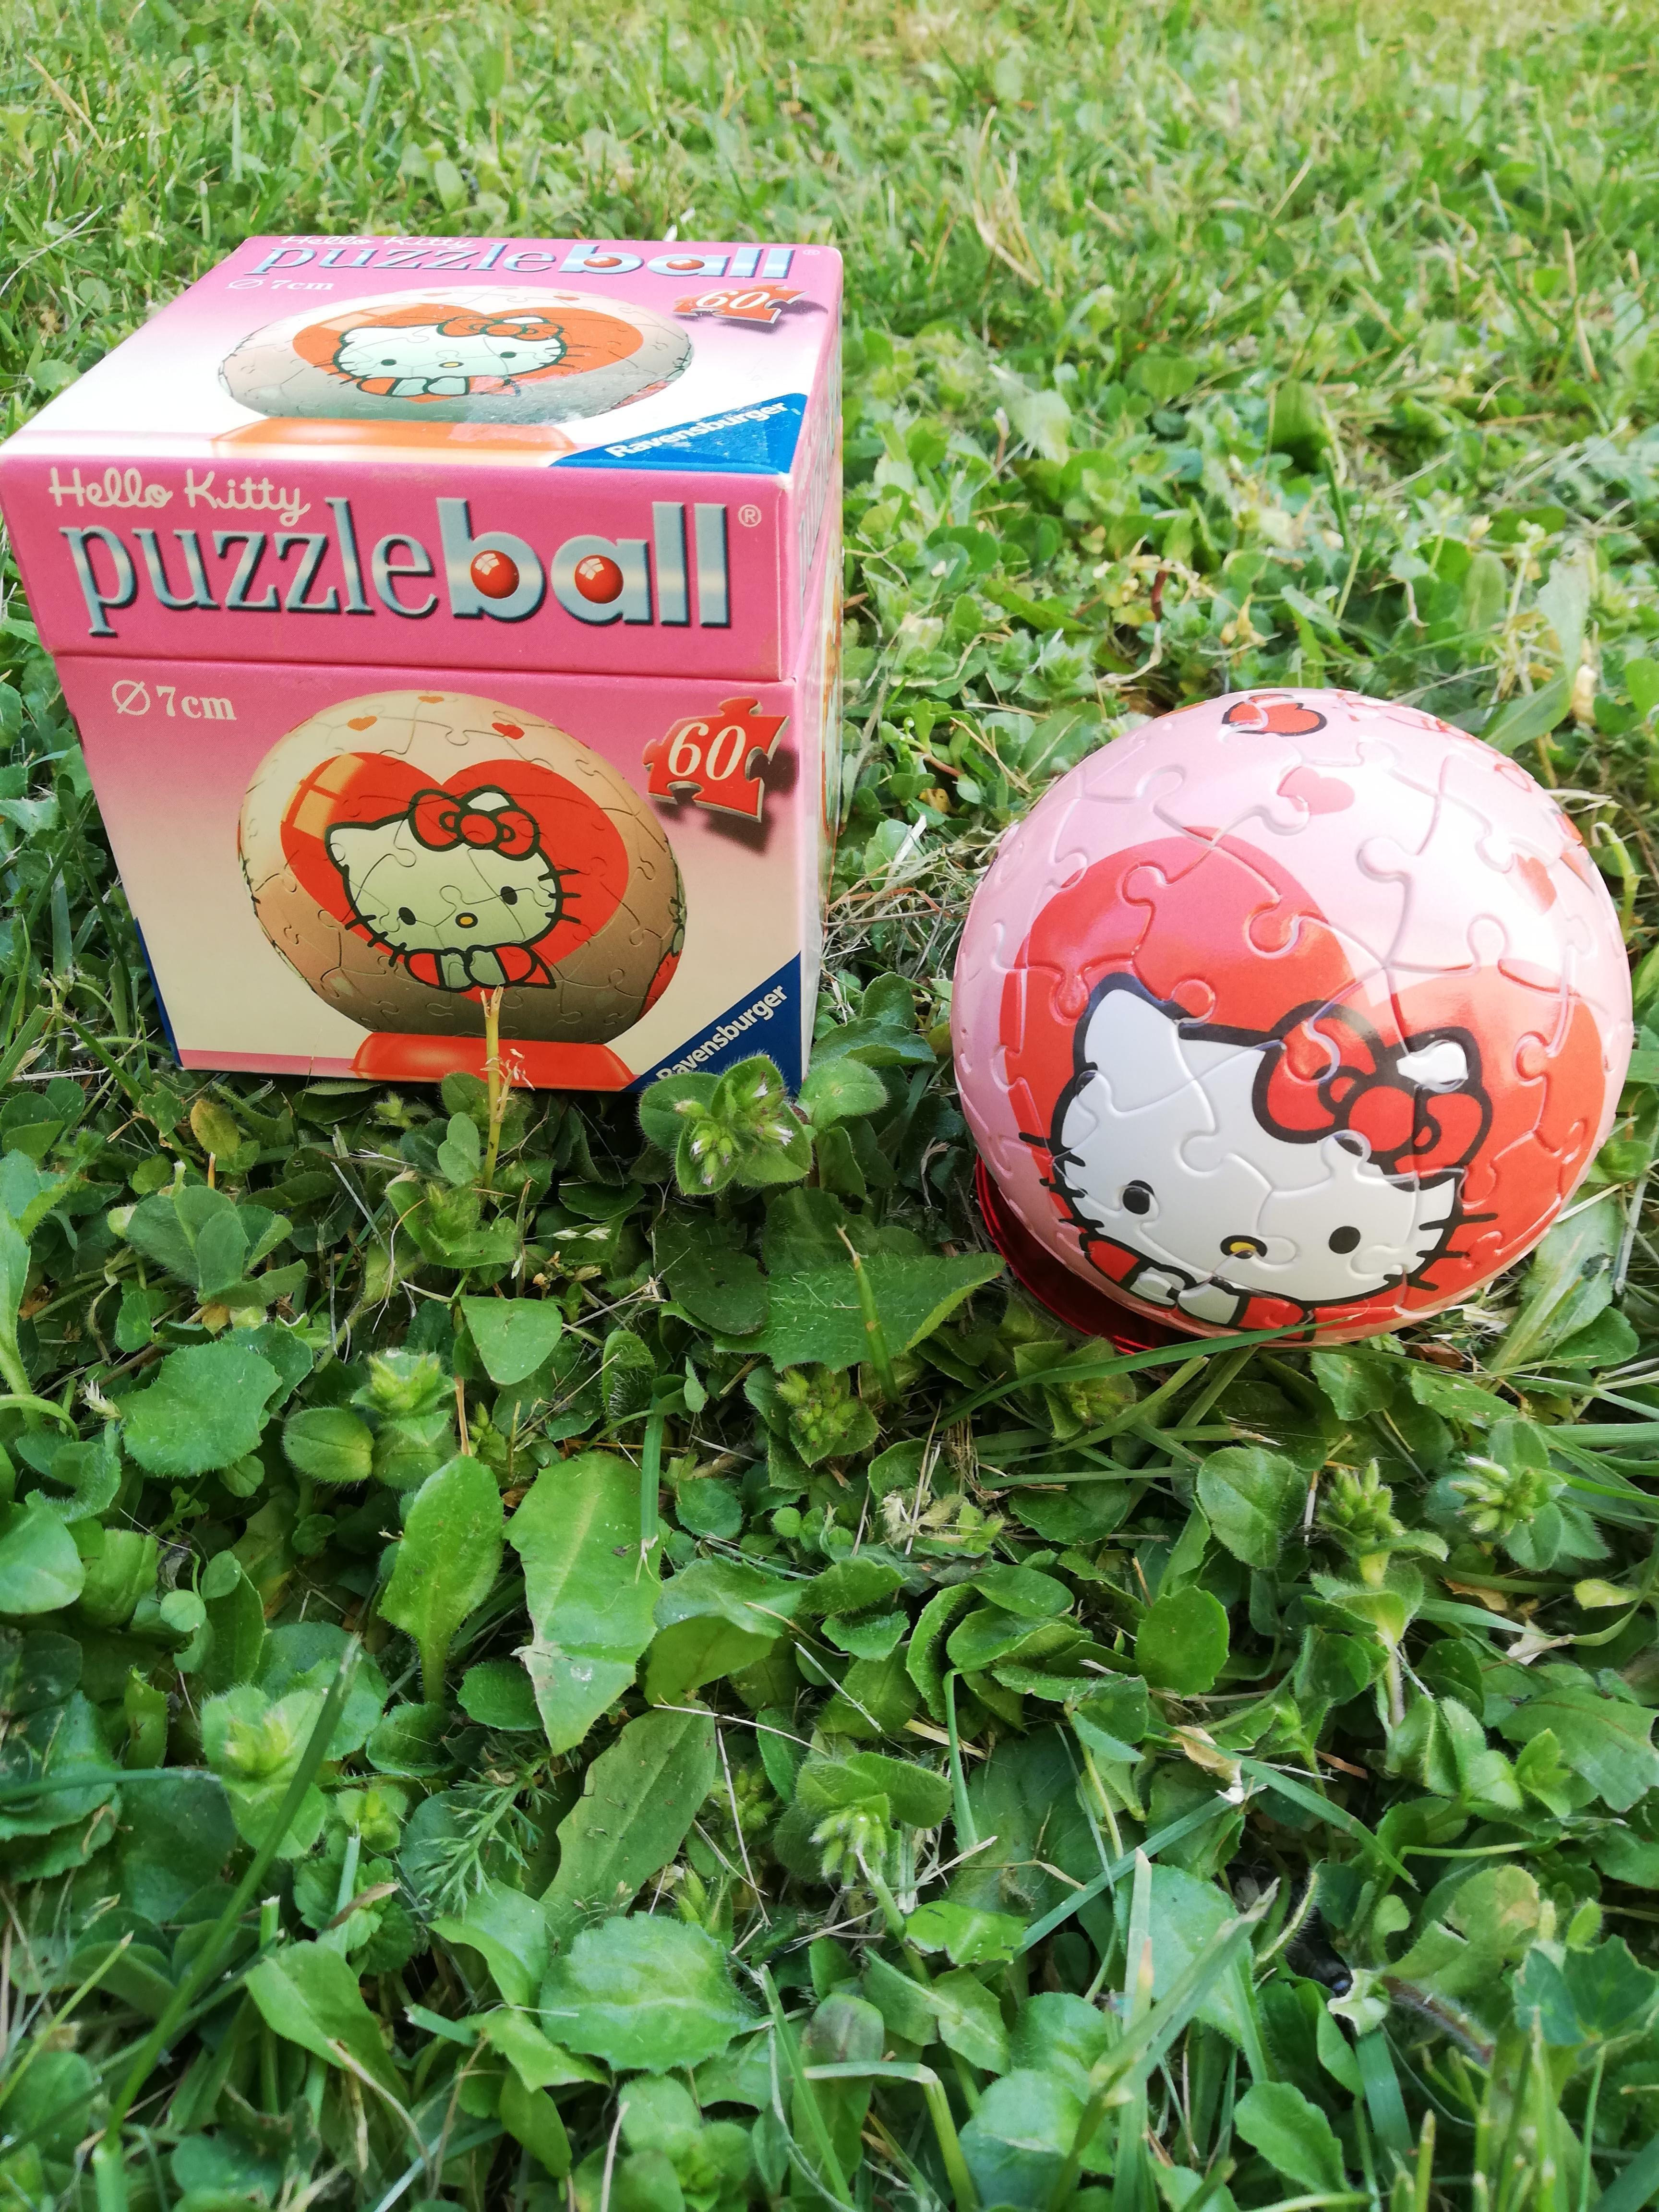 troc de troc puzzle ball hello kitty image 0